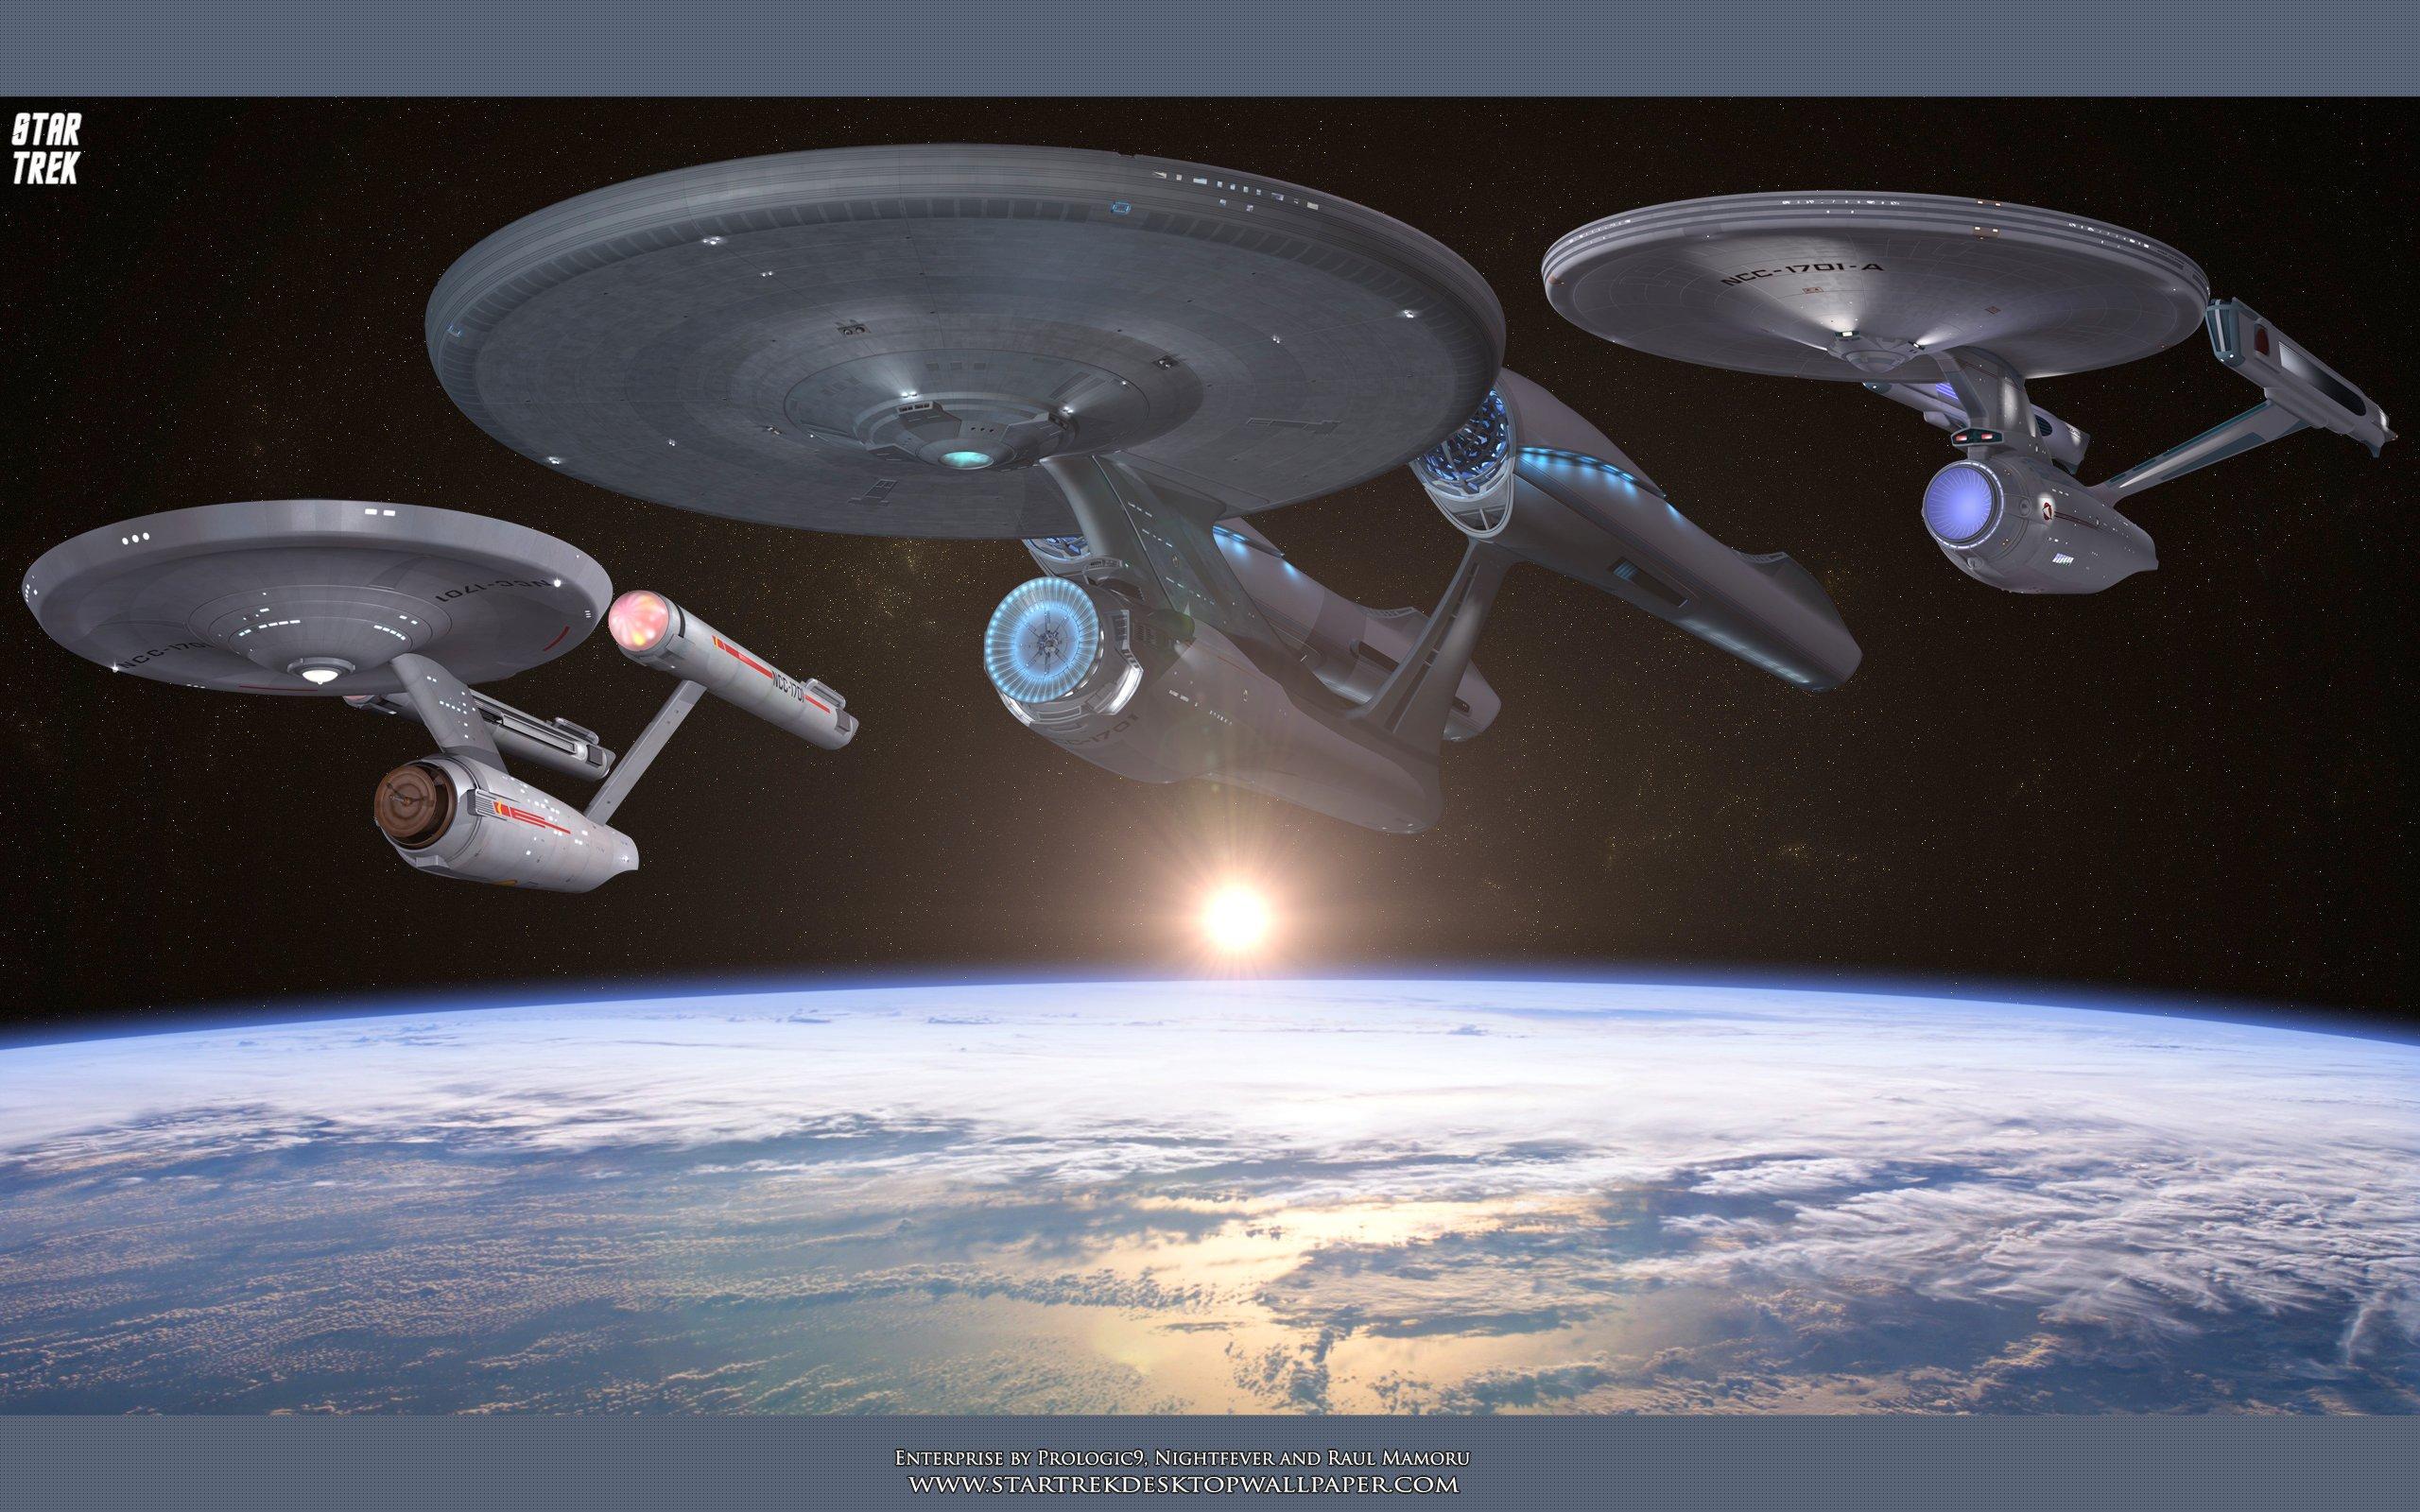 USS Enterprise   Star Trek computer desktop wallpaper pictures 2560x1600